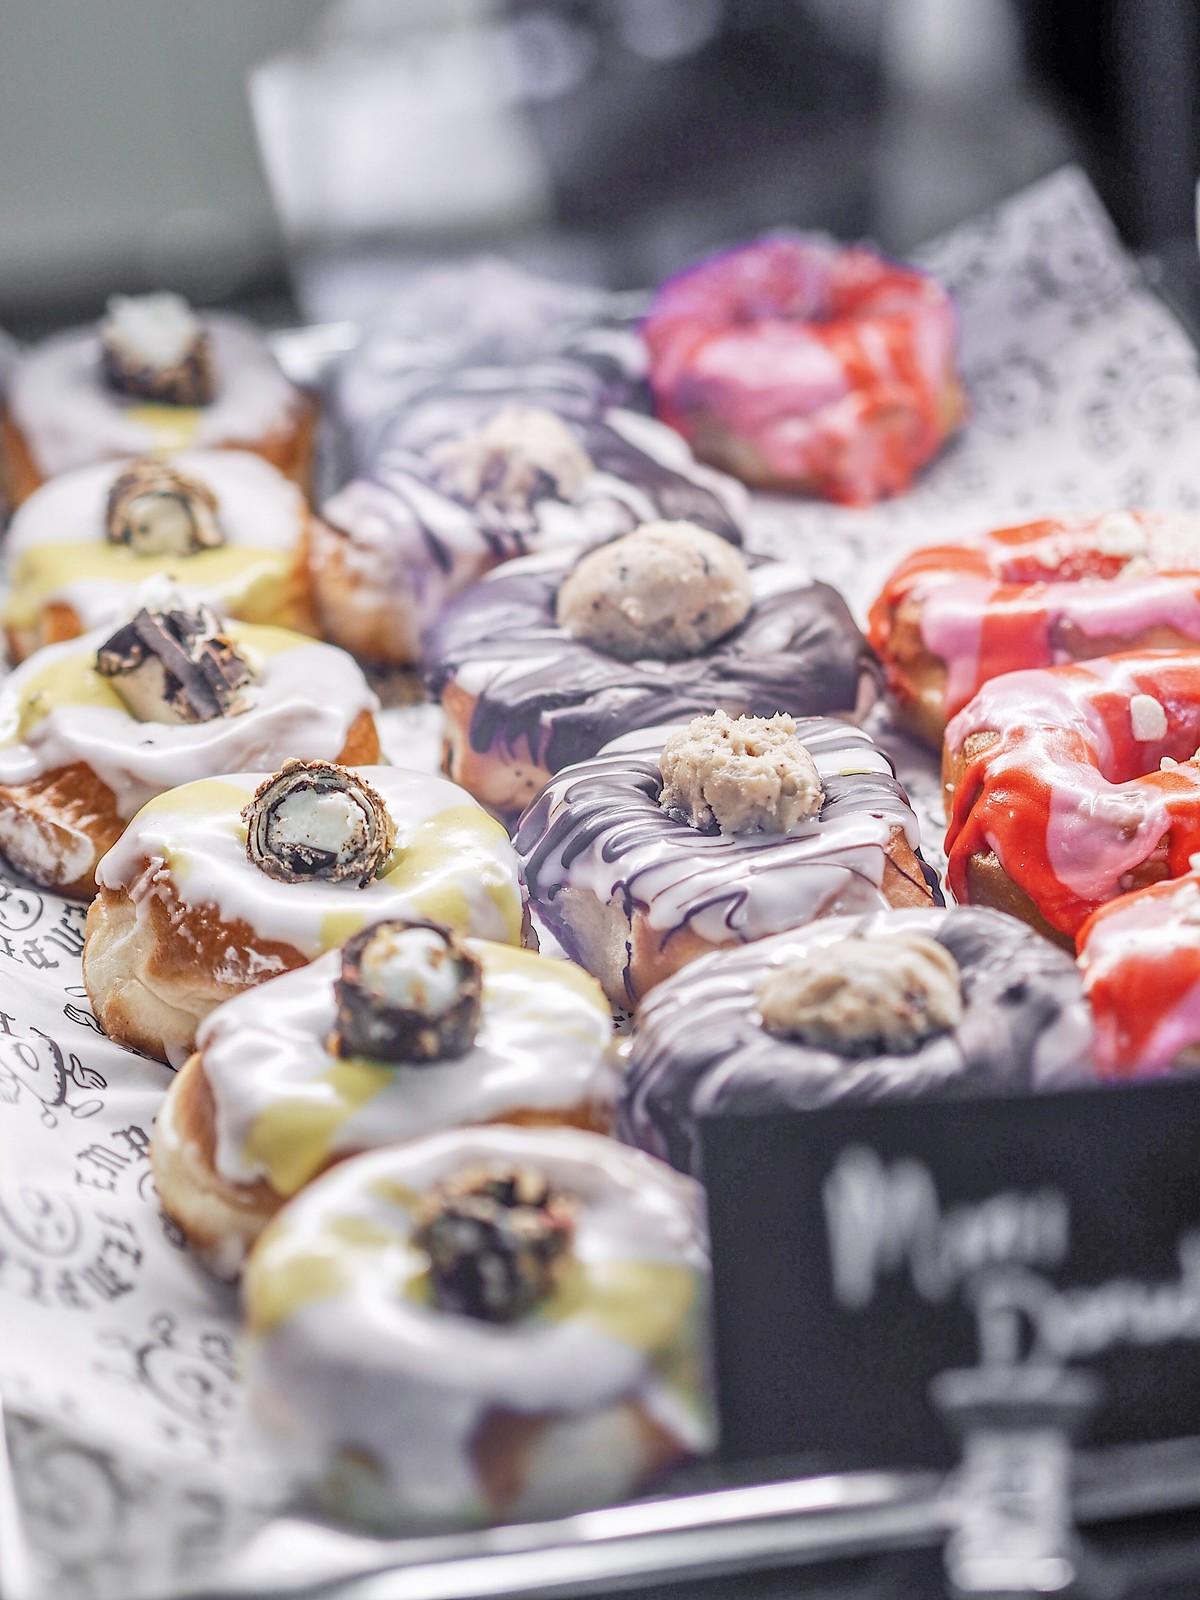 Vegan donuts Leeds